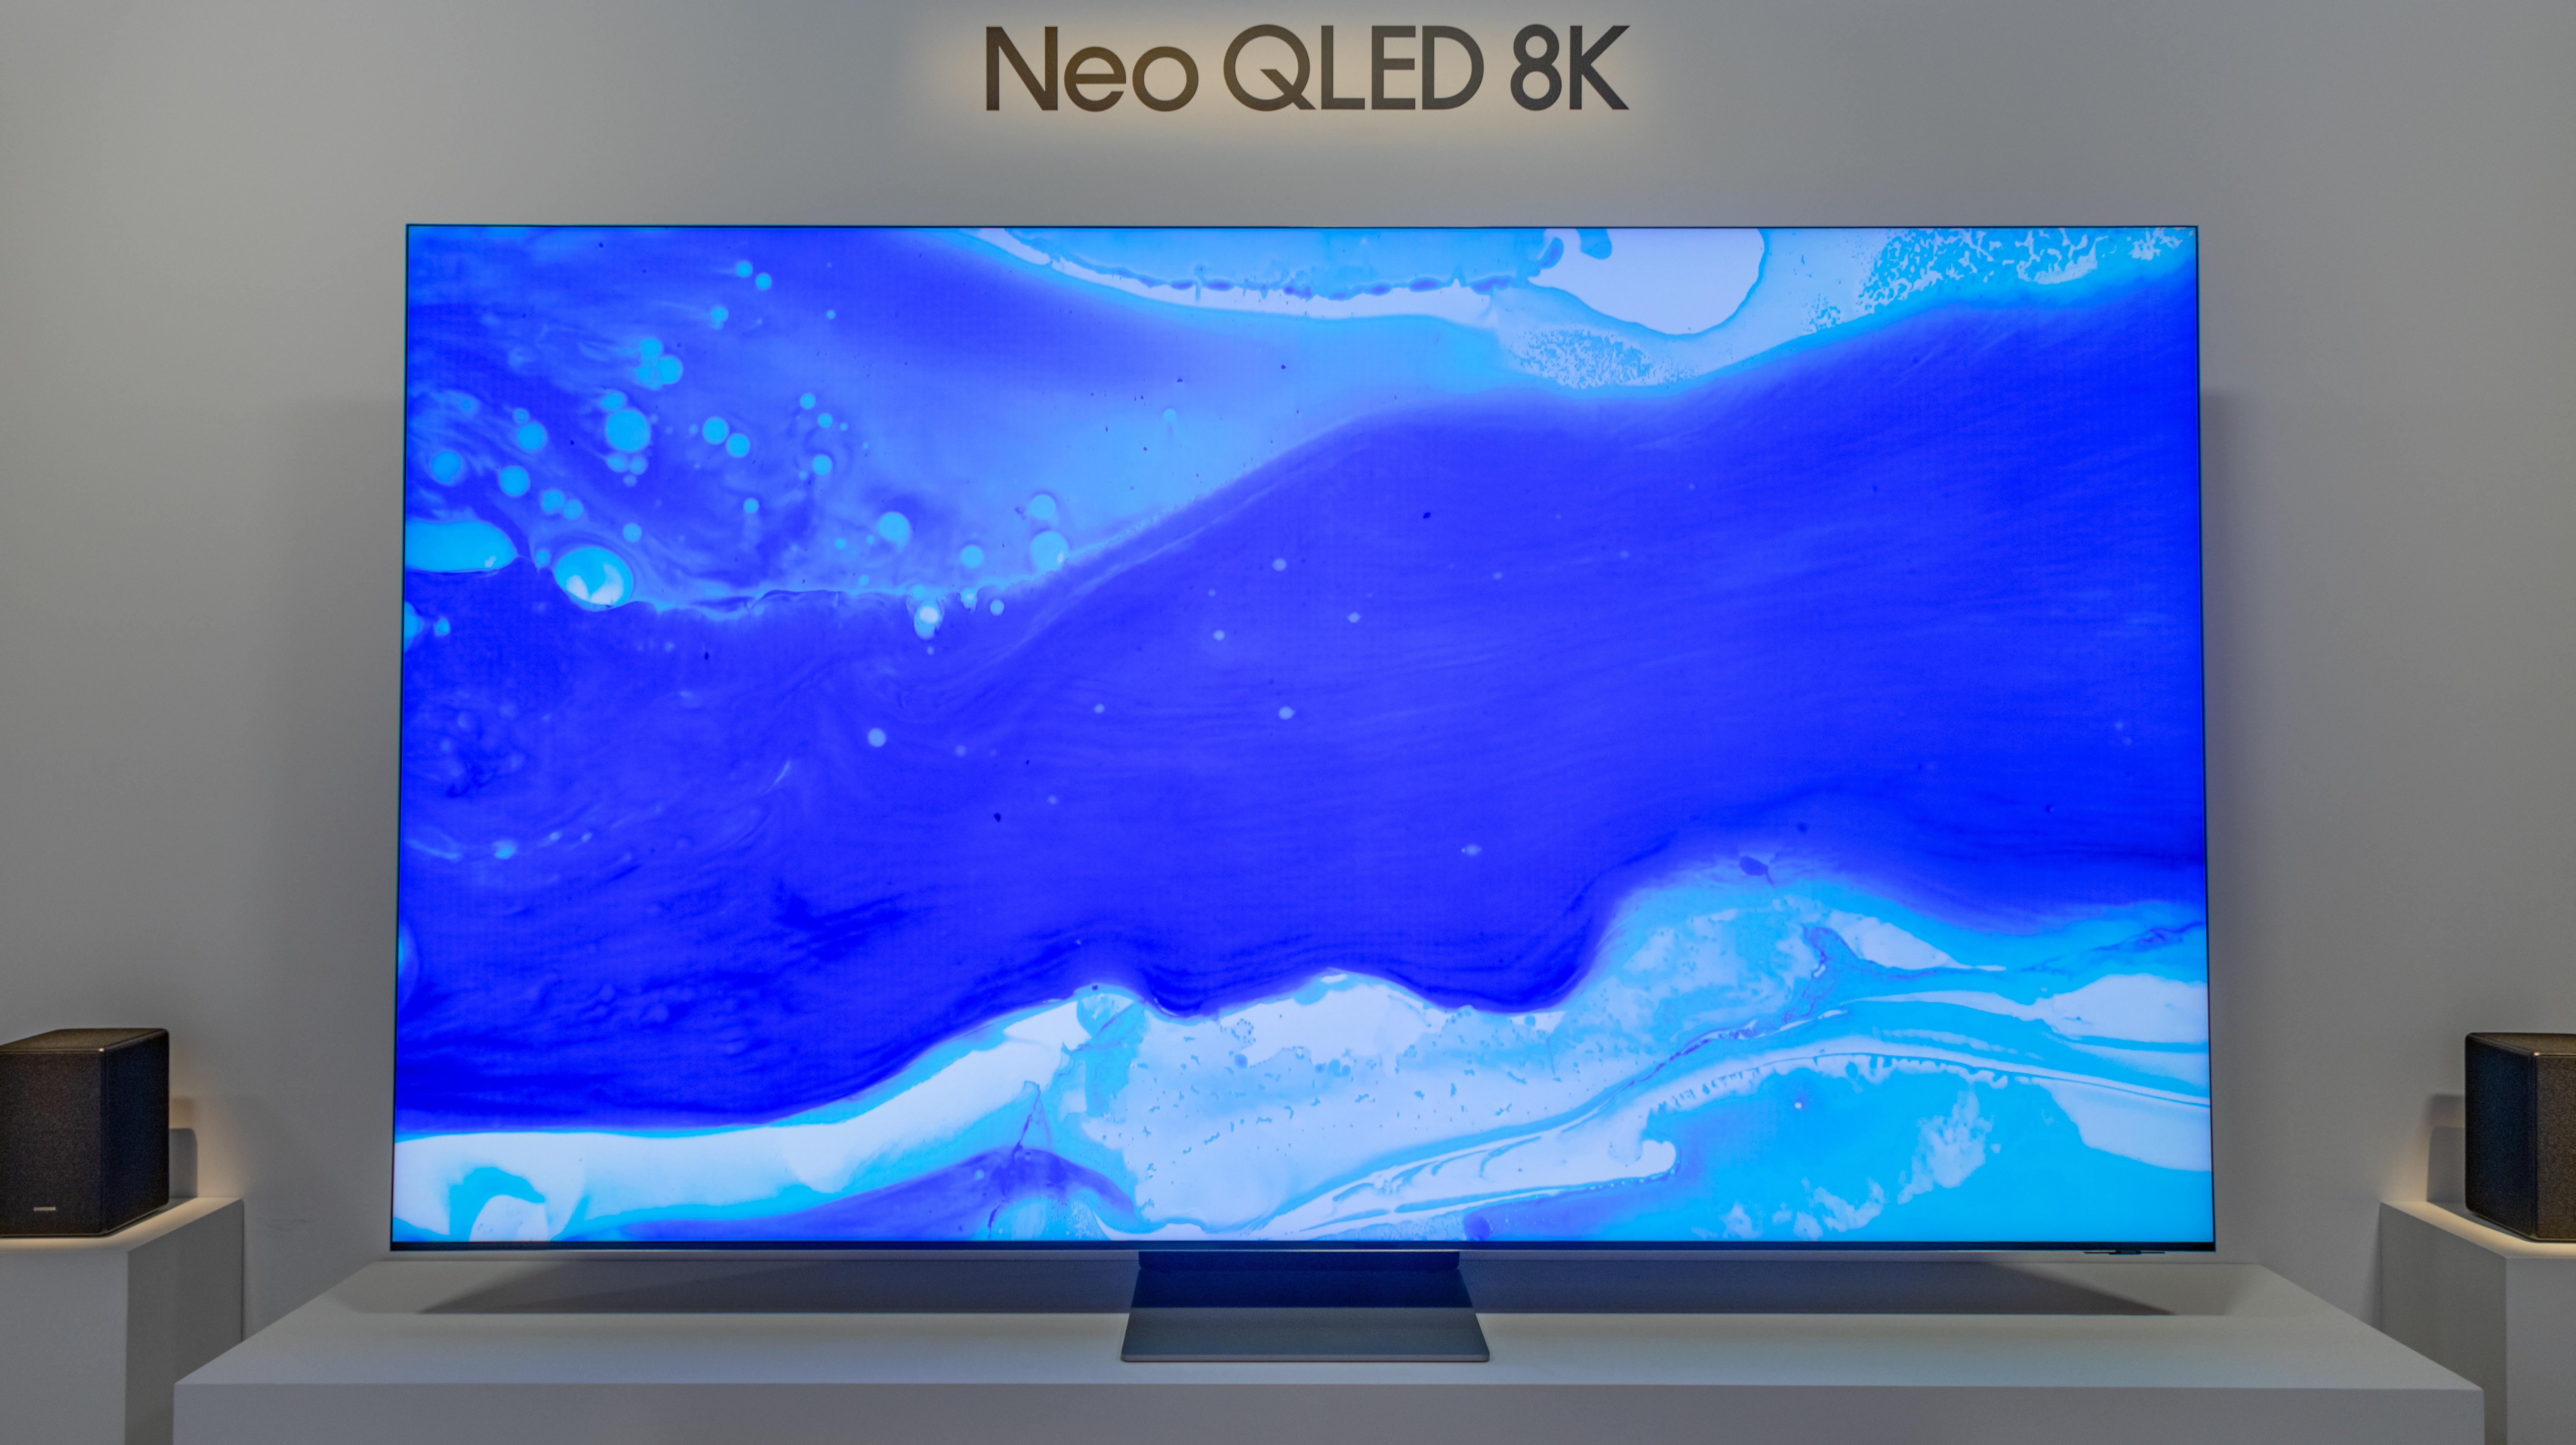 Una vista frontal del soporte QN900A.